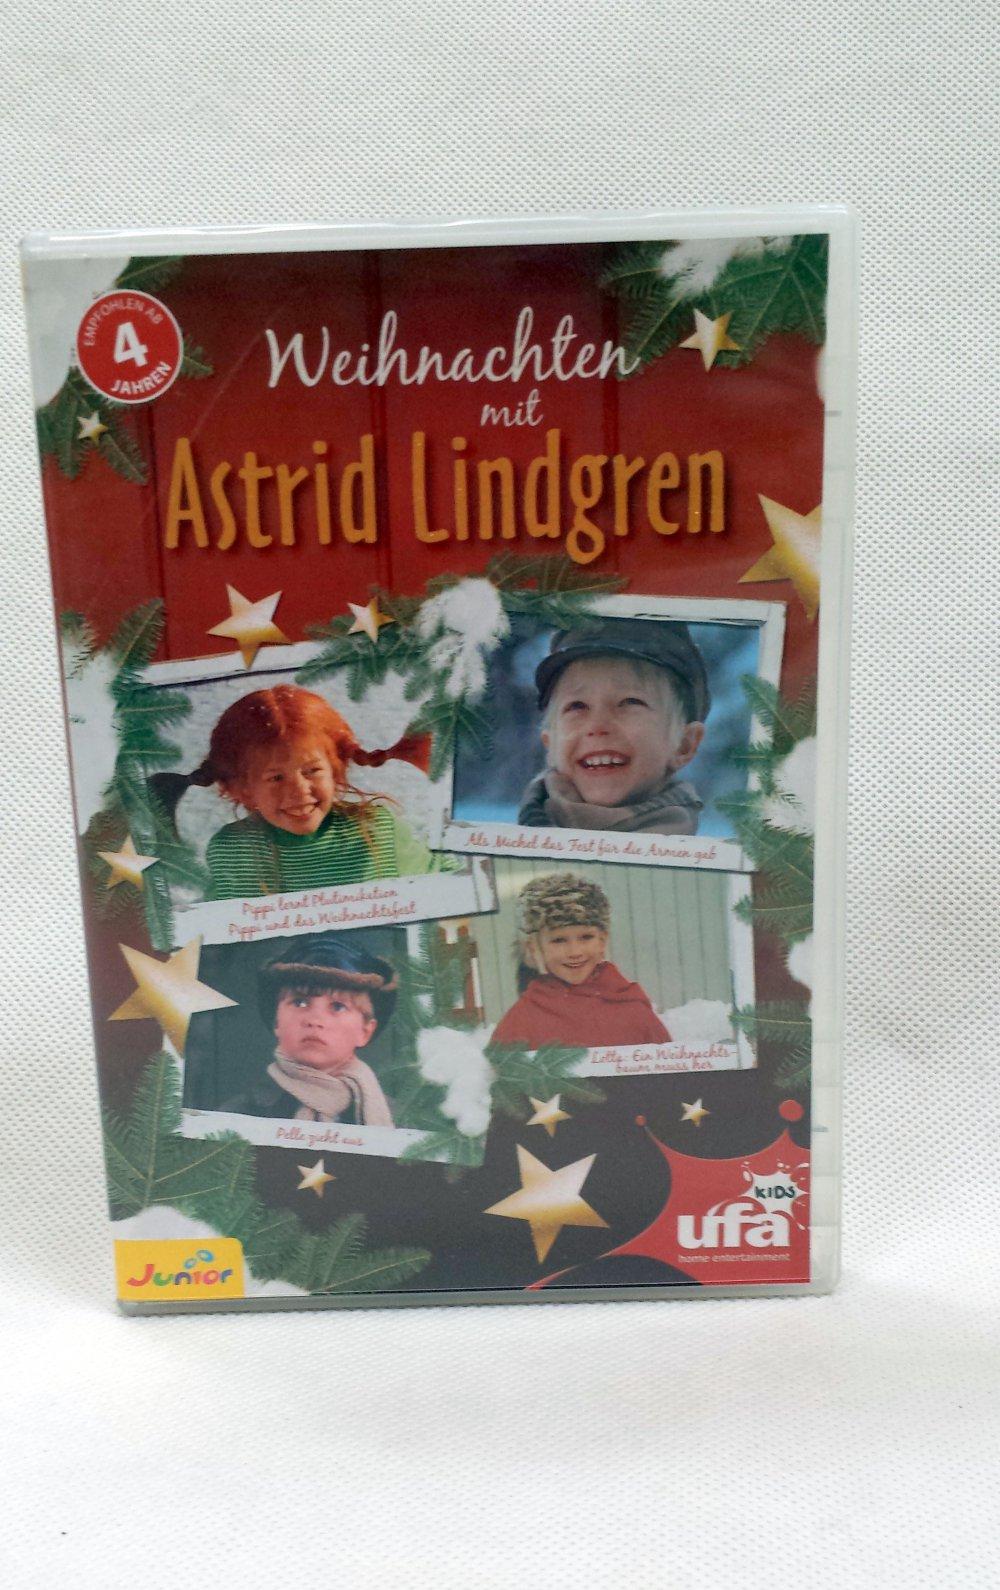 Weihnachten mit Astrid Lindgren - DVD ab 4 Jahren :: Kleiderkorb.de